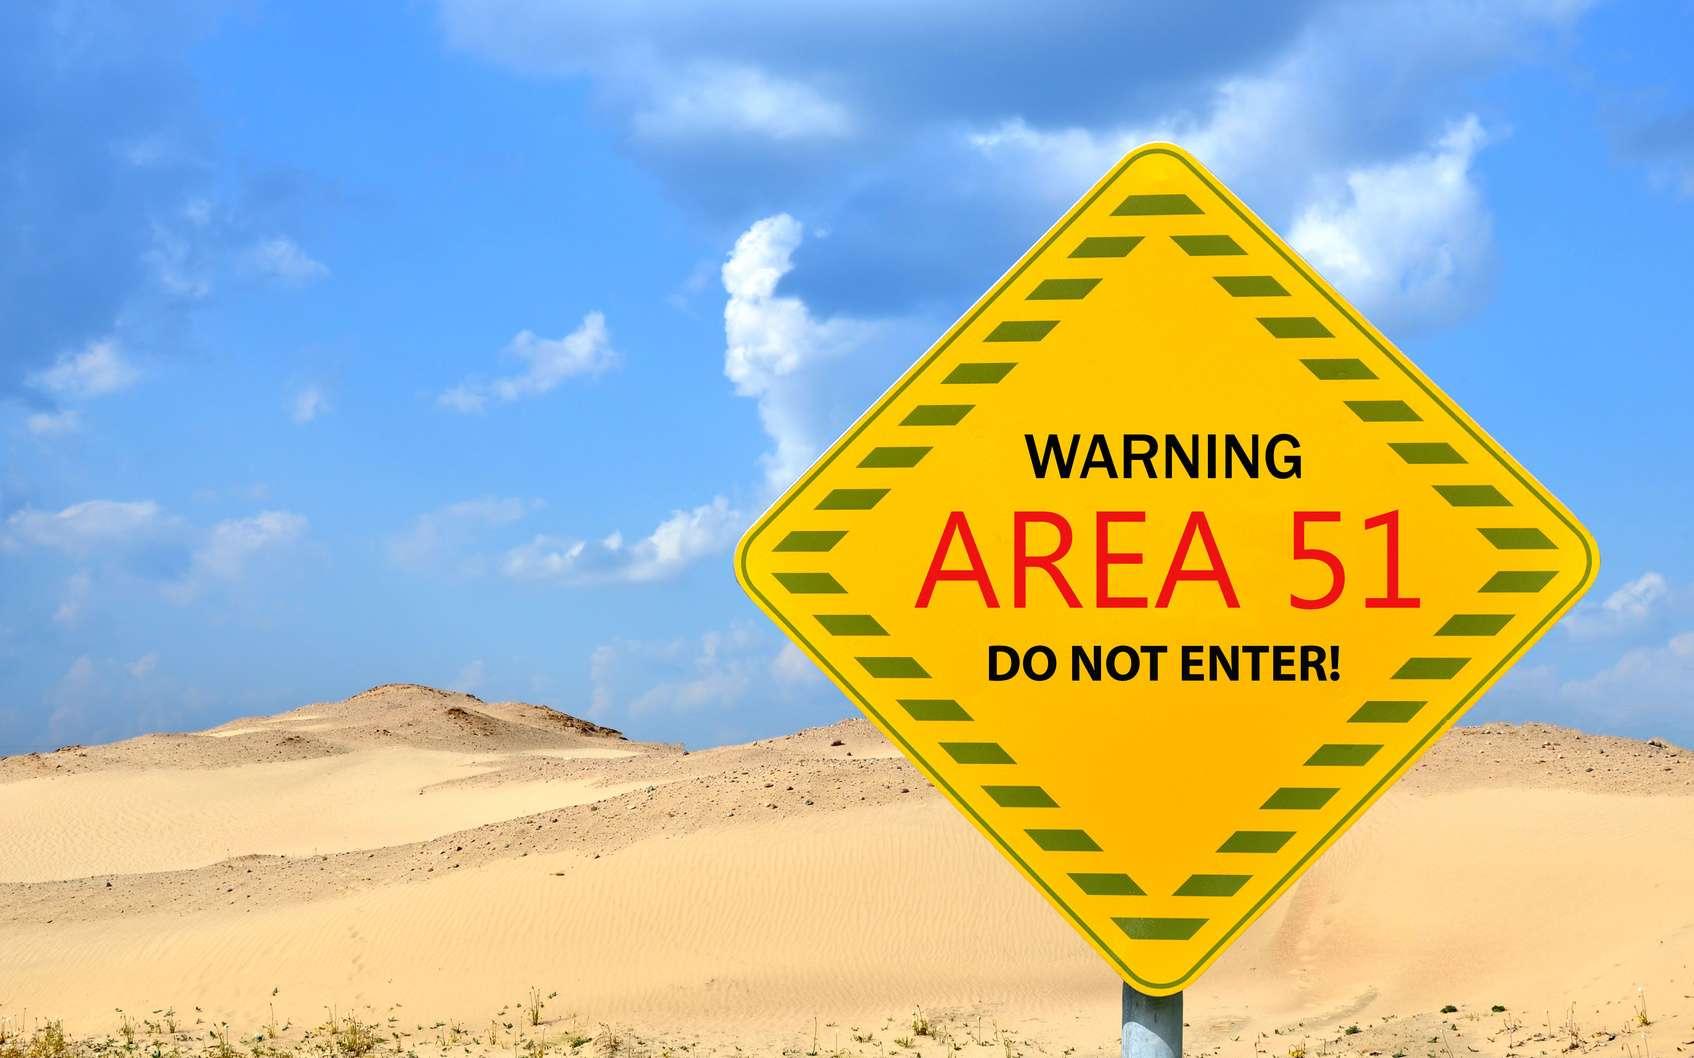 https://www.futura-sciences.com/sciences/breves/civilisations-extraterrestres-zone-51-sera-t-elle-envahie-ce-20-septembre-1194/#xtor=RSS-8